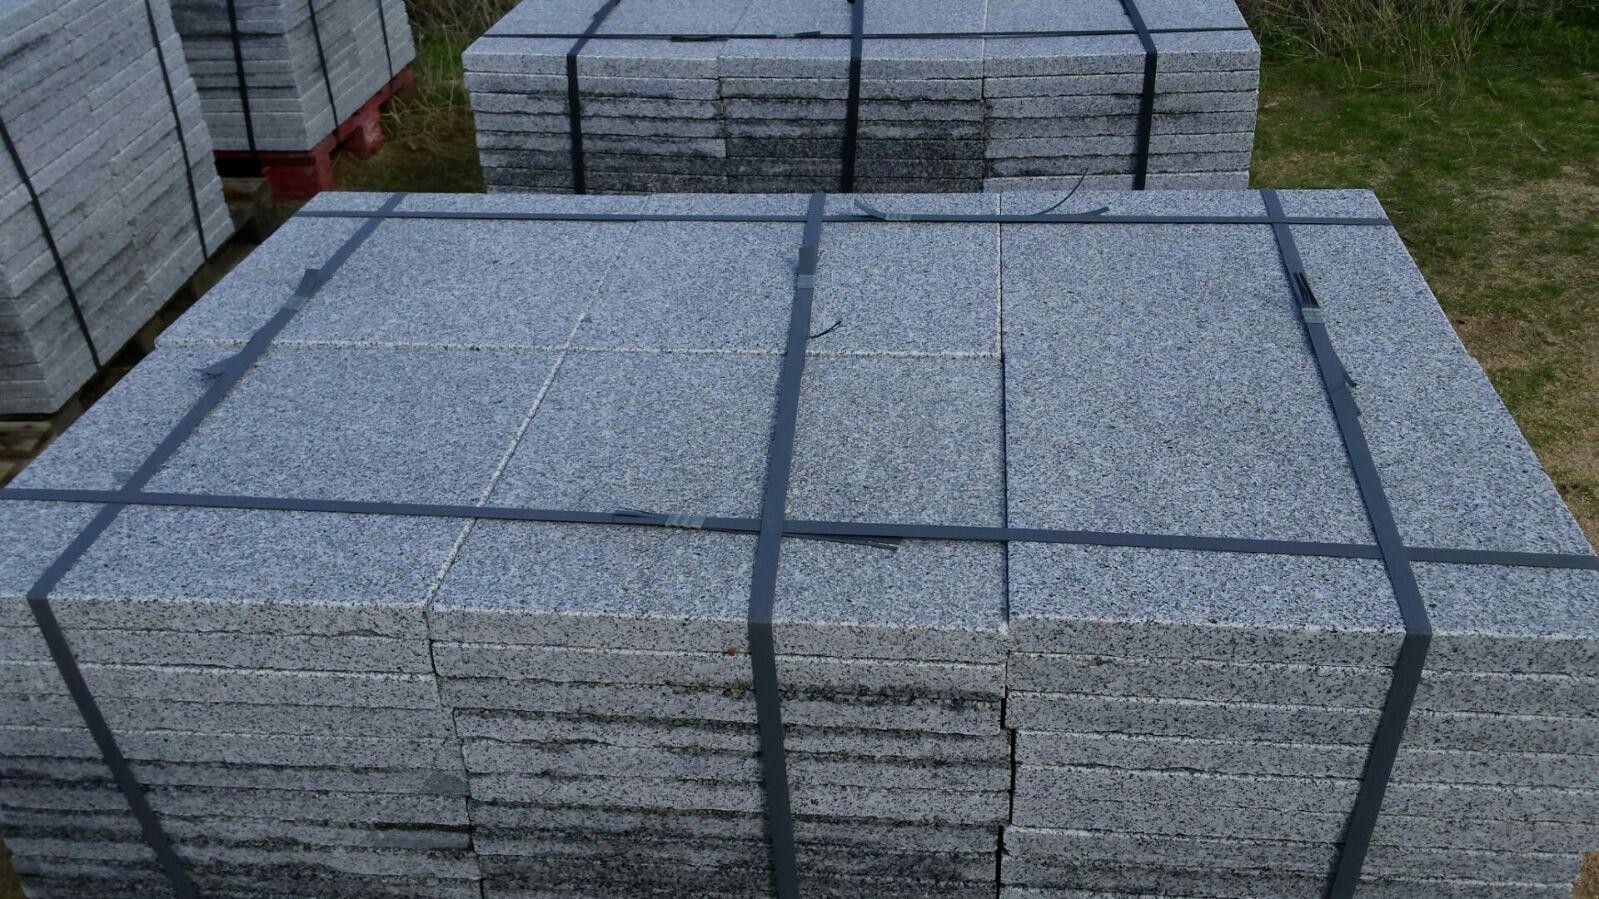 Granito venta granito gris quintana - Losas de hormigon para jardines ...